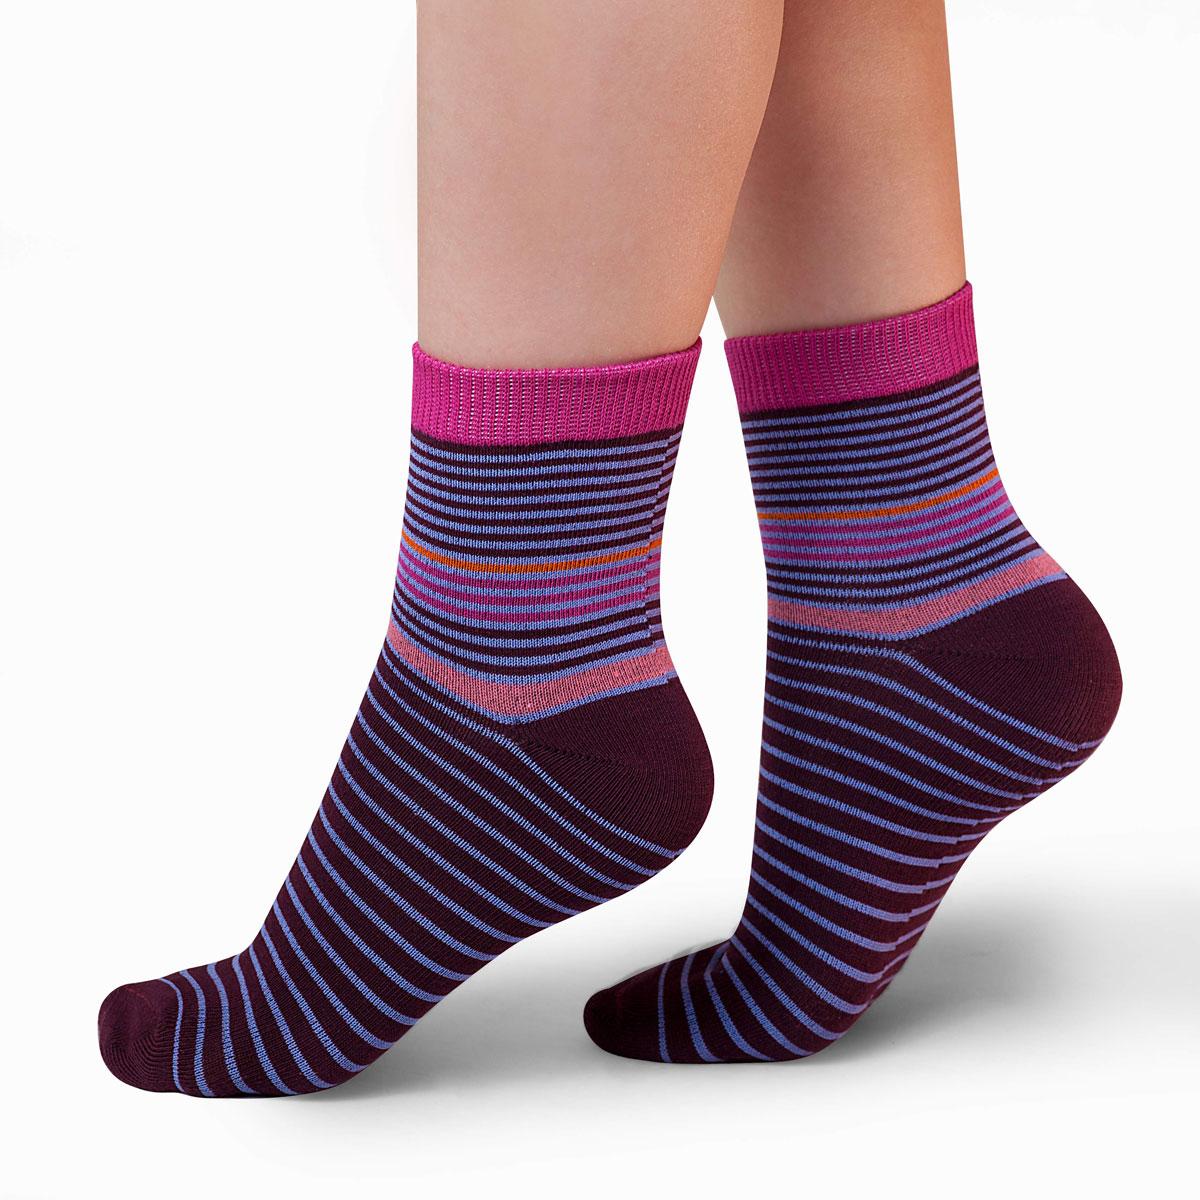 Носки для девочки Idilio, цвет: бордовый. SG11. Размер 27/29SG11Комфортные носки для девочек с добавлением экологически чистого хлопка, изготовленные без применения химических красителей.